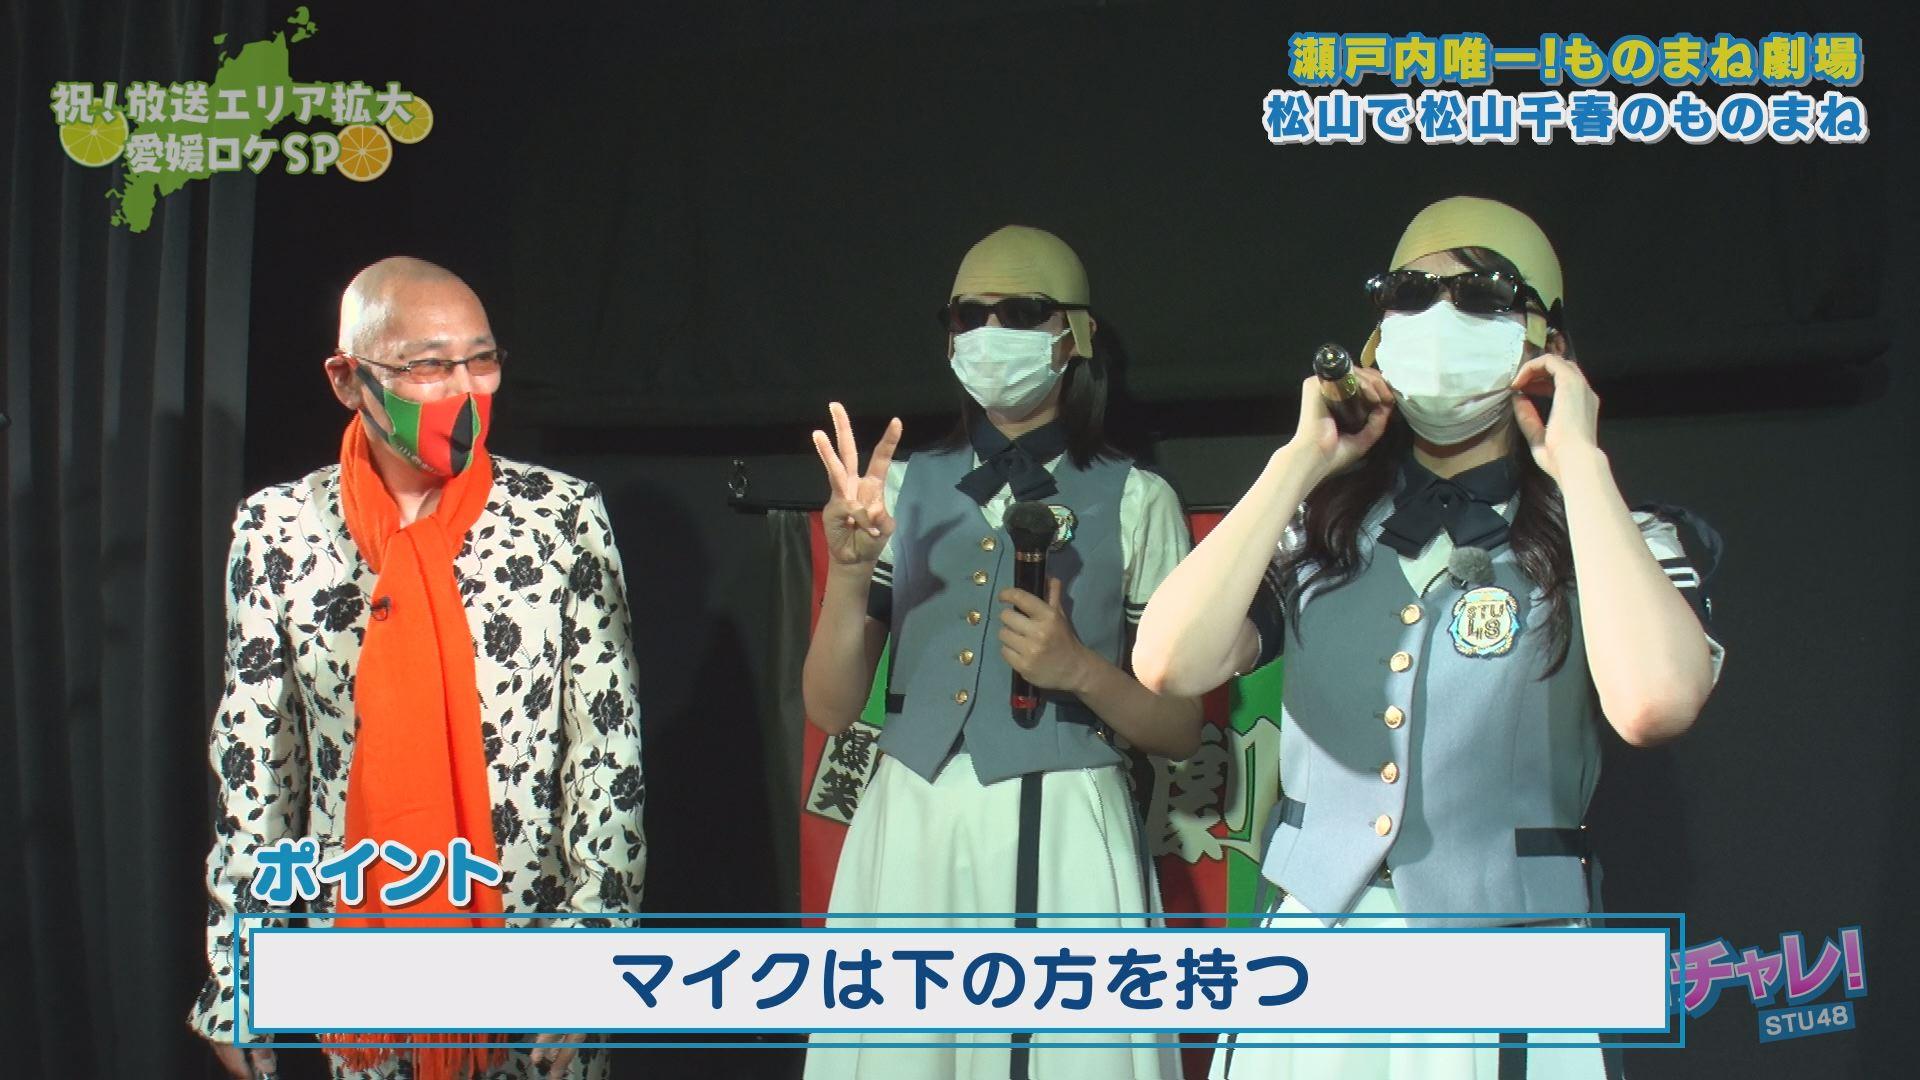 ものまねセットを装着するSTU48瀧野&矢野